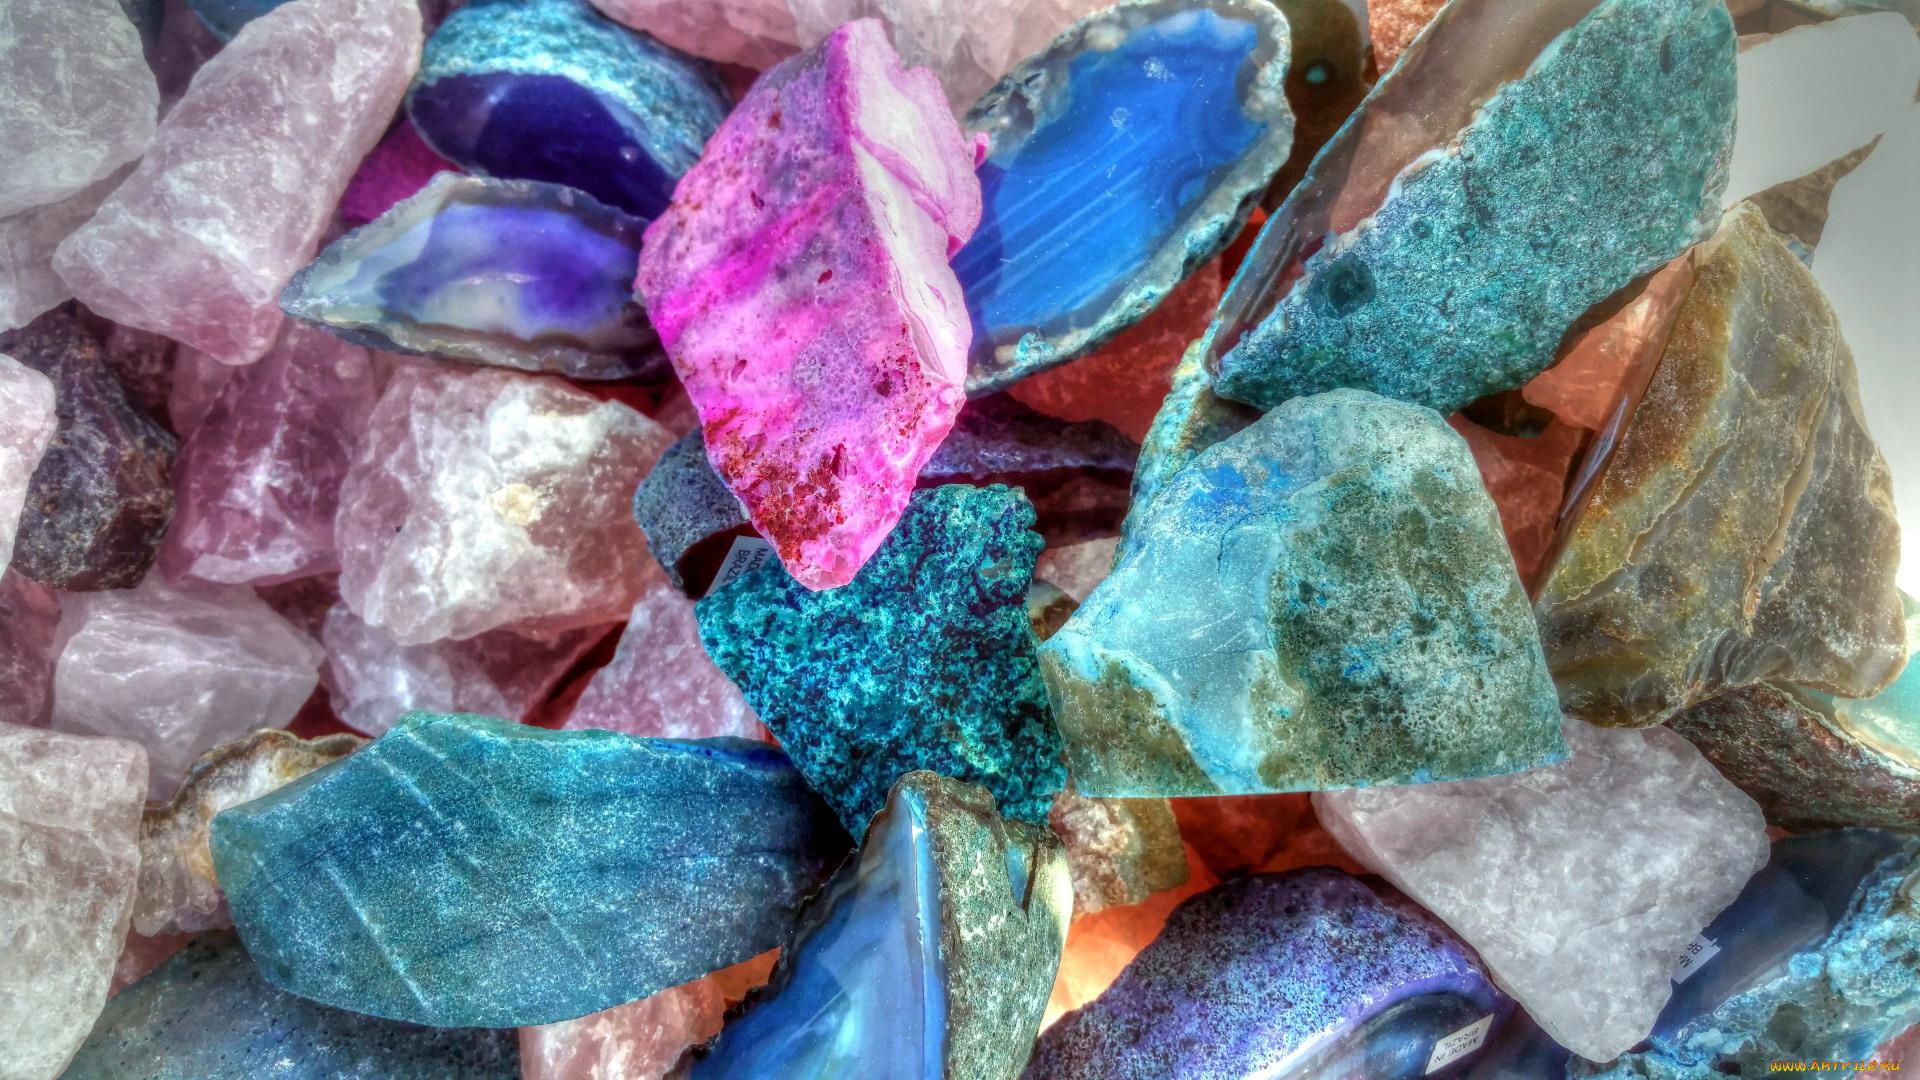 Марта прикольные, картинка с минералами